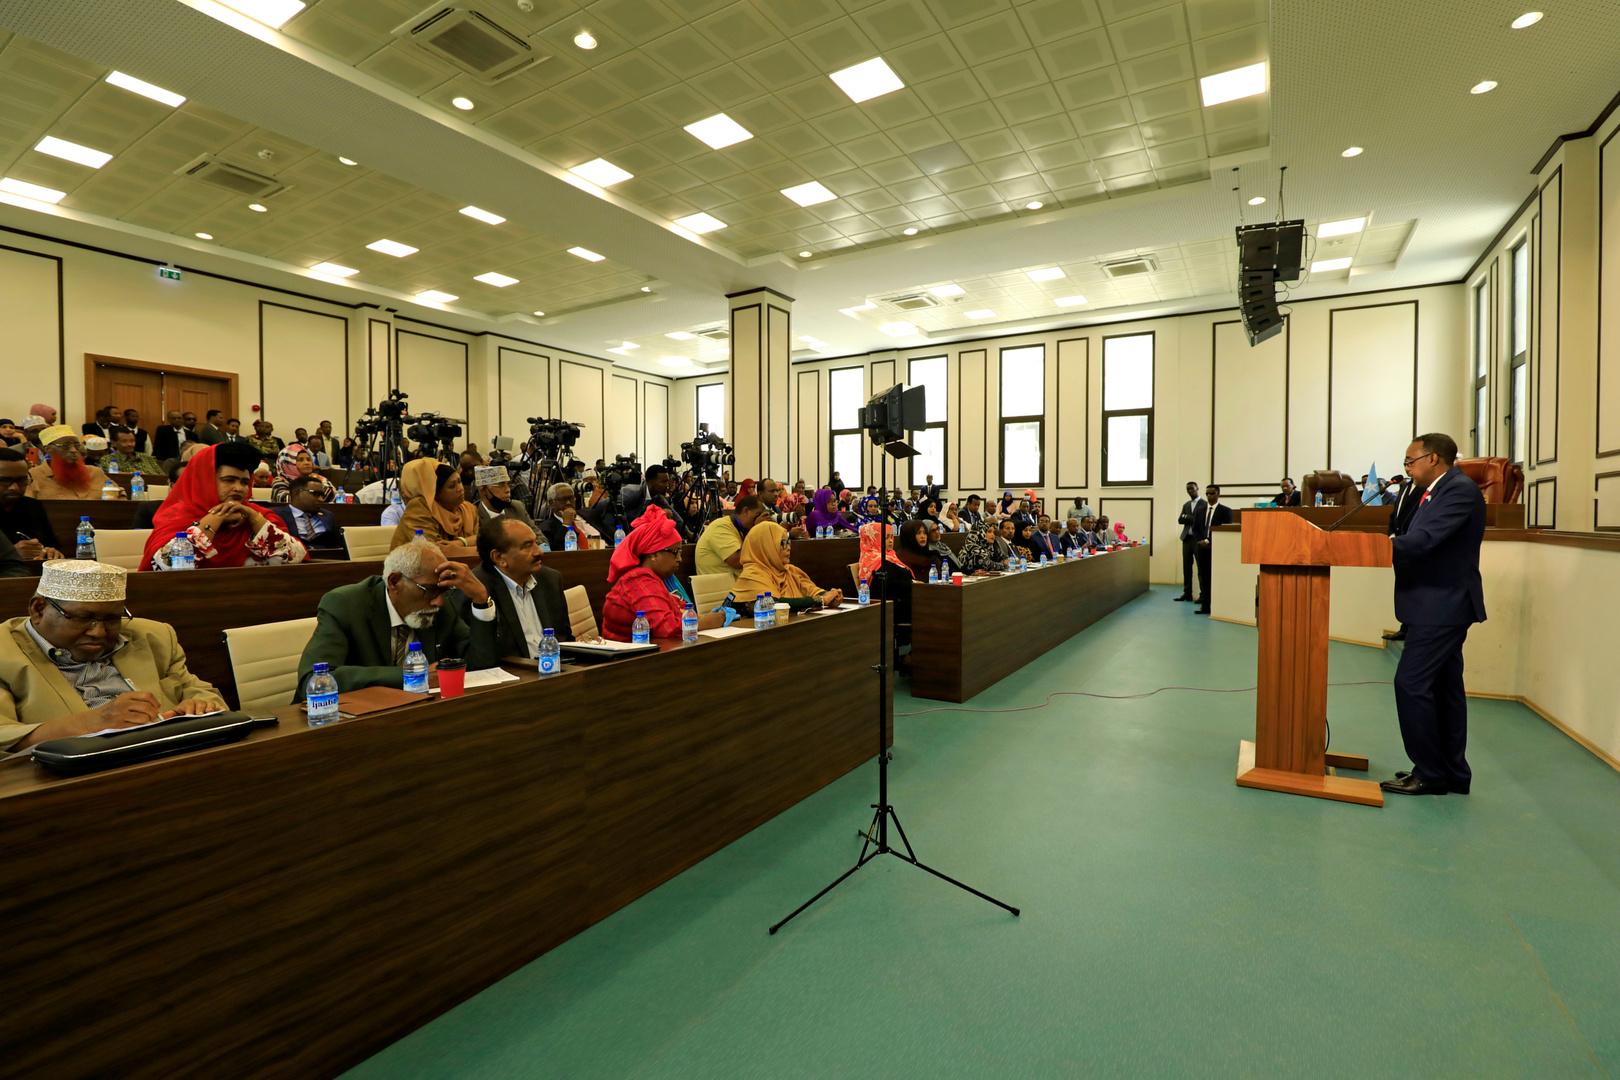 رئيس الوزراء الصومالي محمد حسين روبل يتحدث في البرلمان الصومالي بمقديشو.